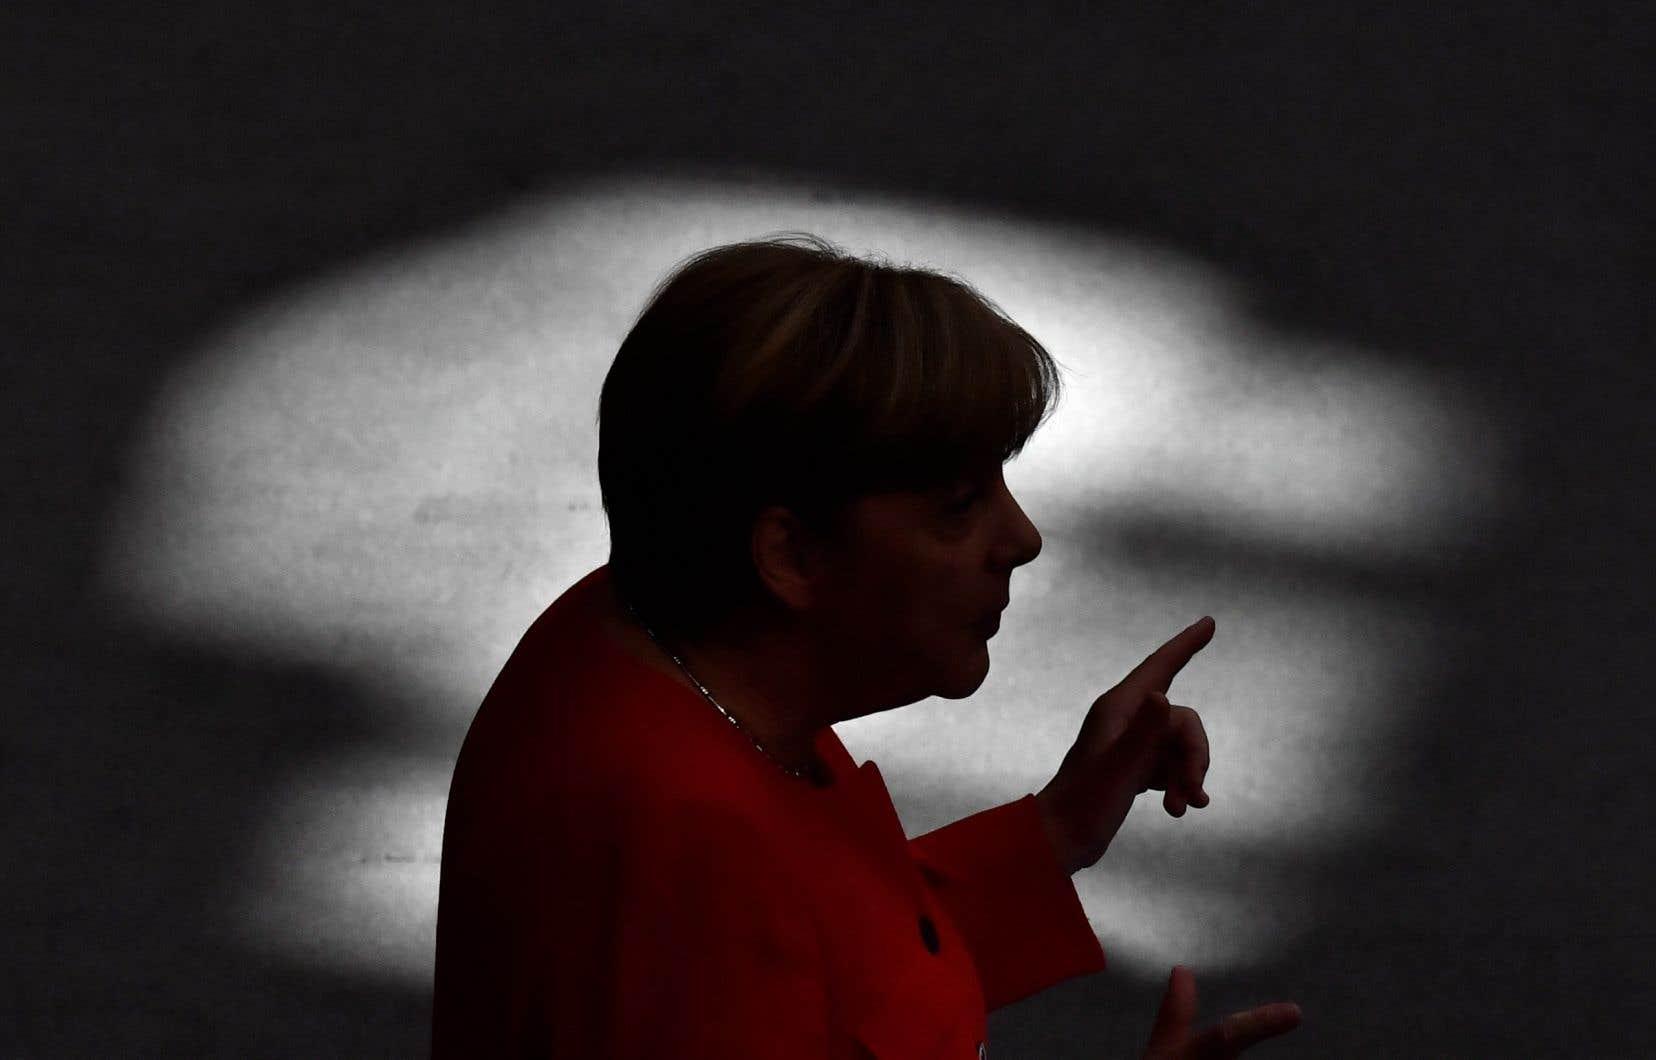 La divulgation de données privées d'un millier de responsables politiques et de personnalités en Allemagne, dont la chancelière Angela Merkel (notre photo),a mis en émoi le pays vendredi.